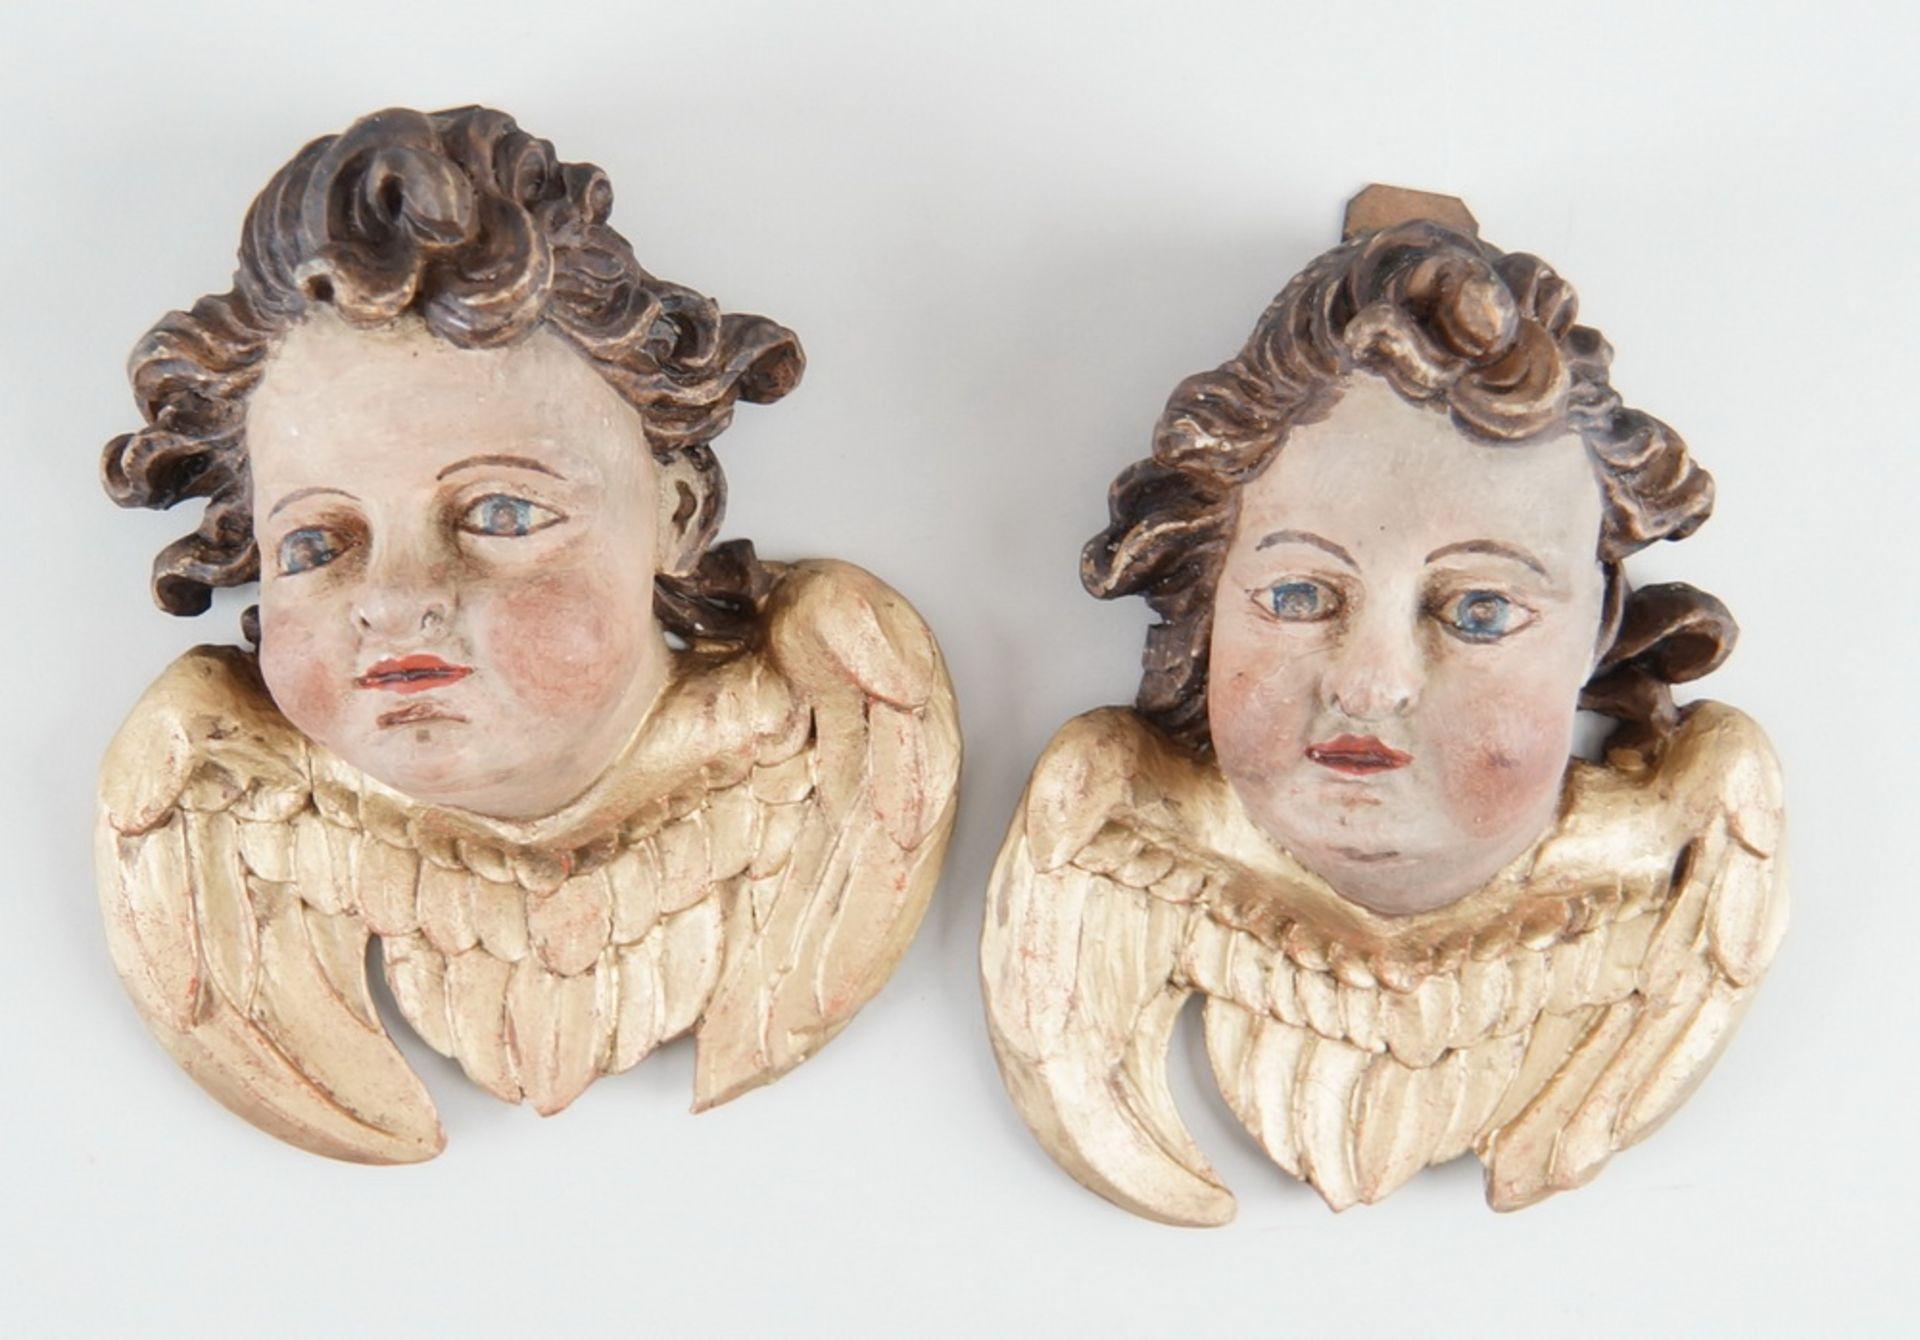 Paar Engelsköpfe mit Flügel, Holz geschnitzt und gefasst, 18. JH, rest., H ca. 20 cm - Bild 2 aus 5